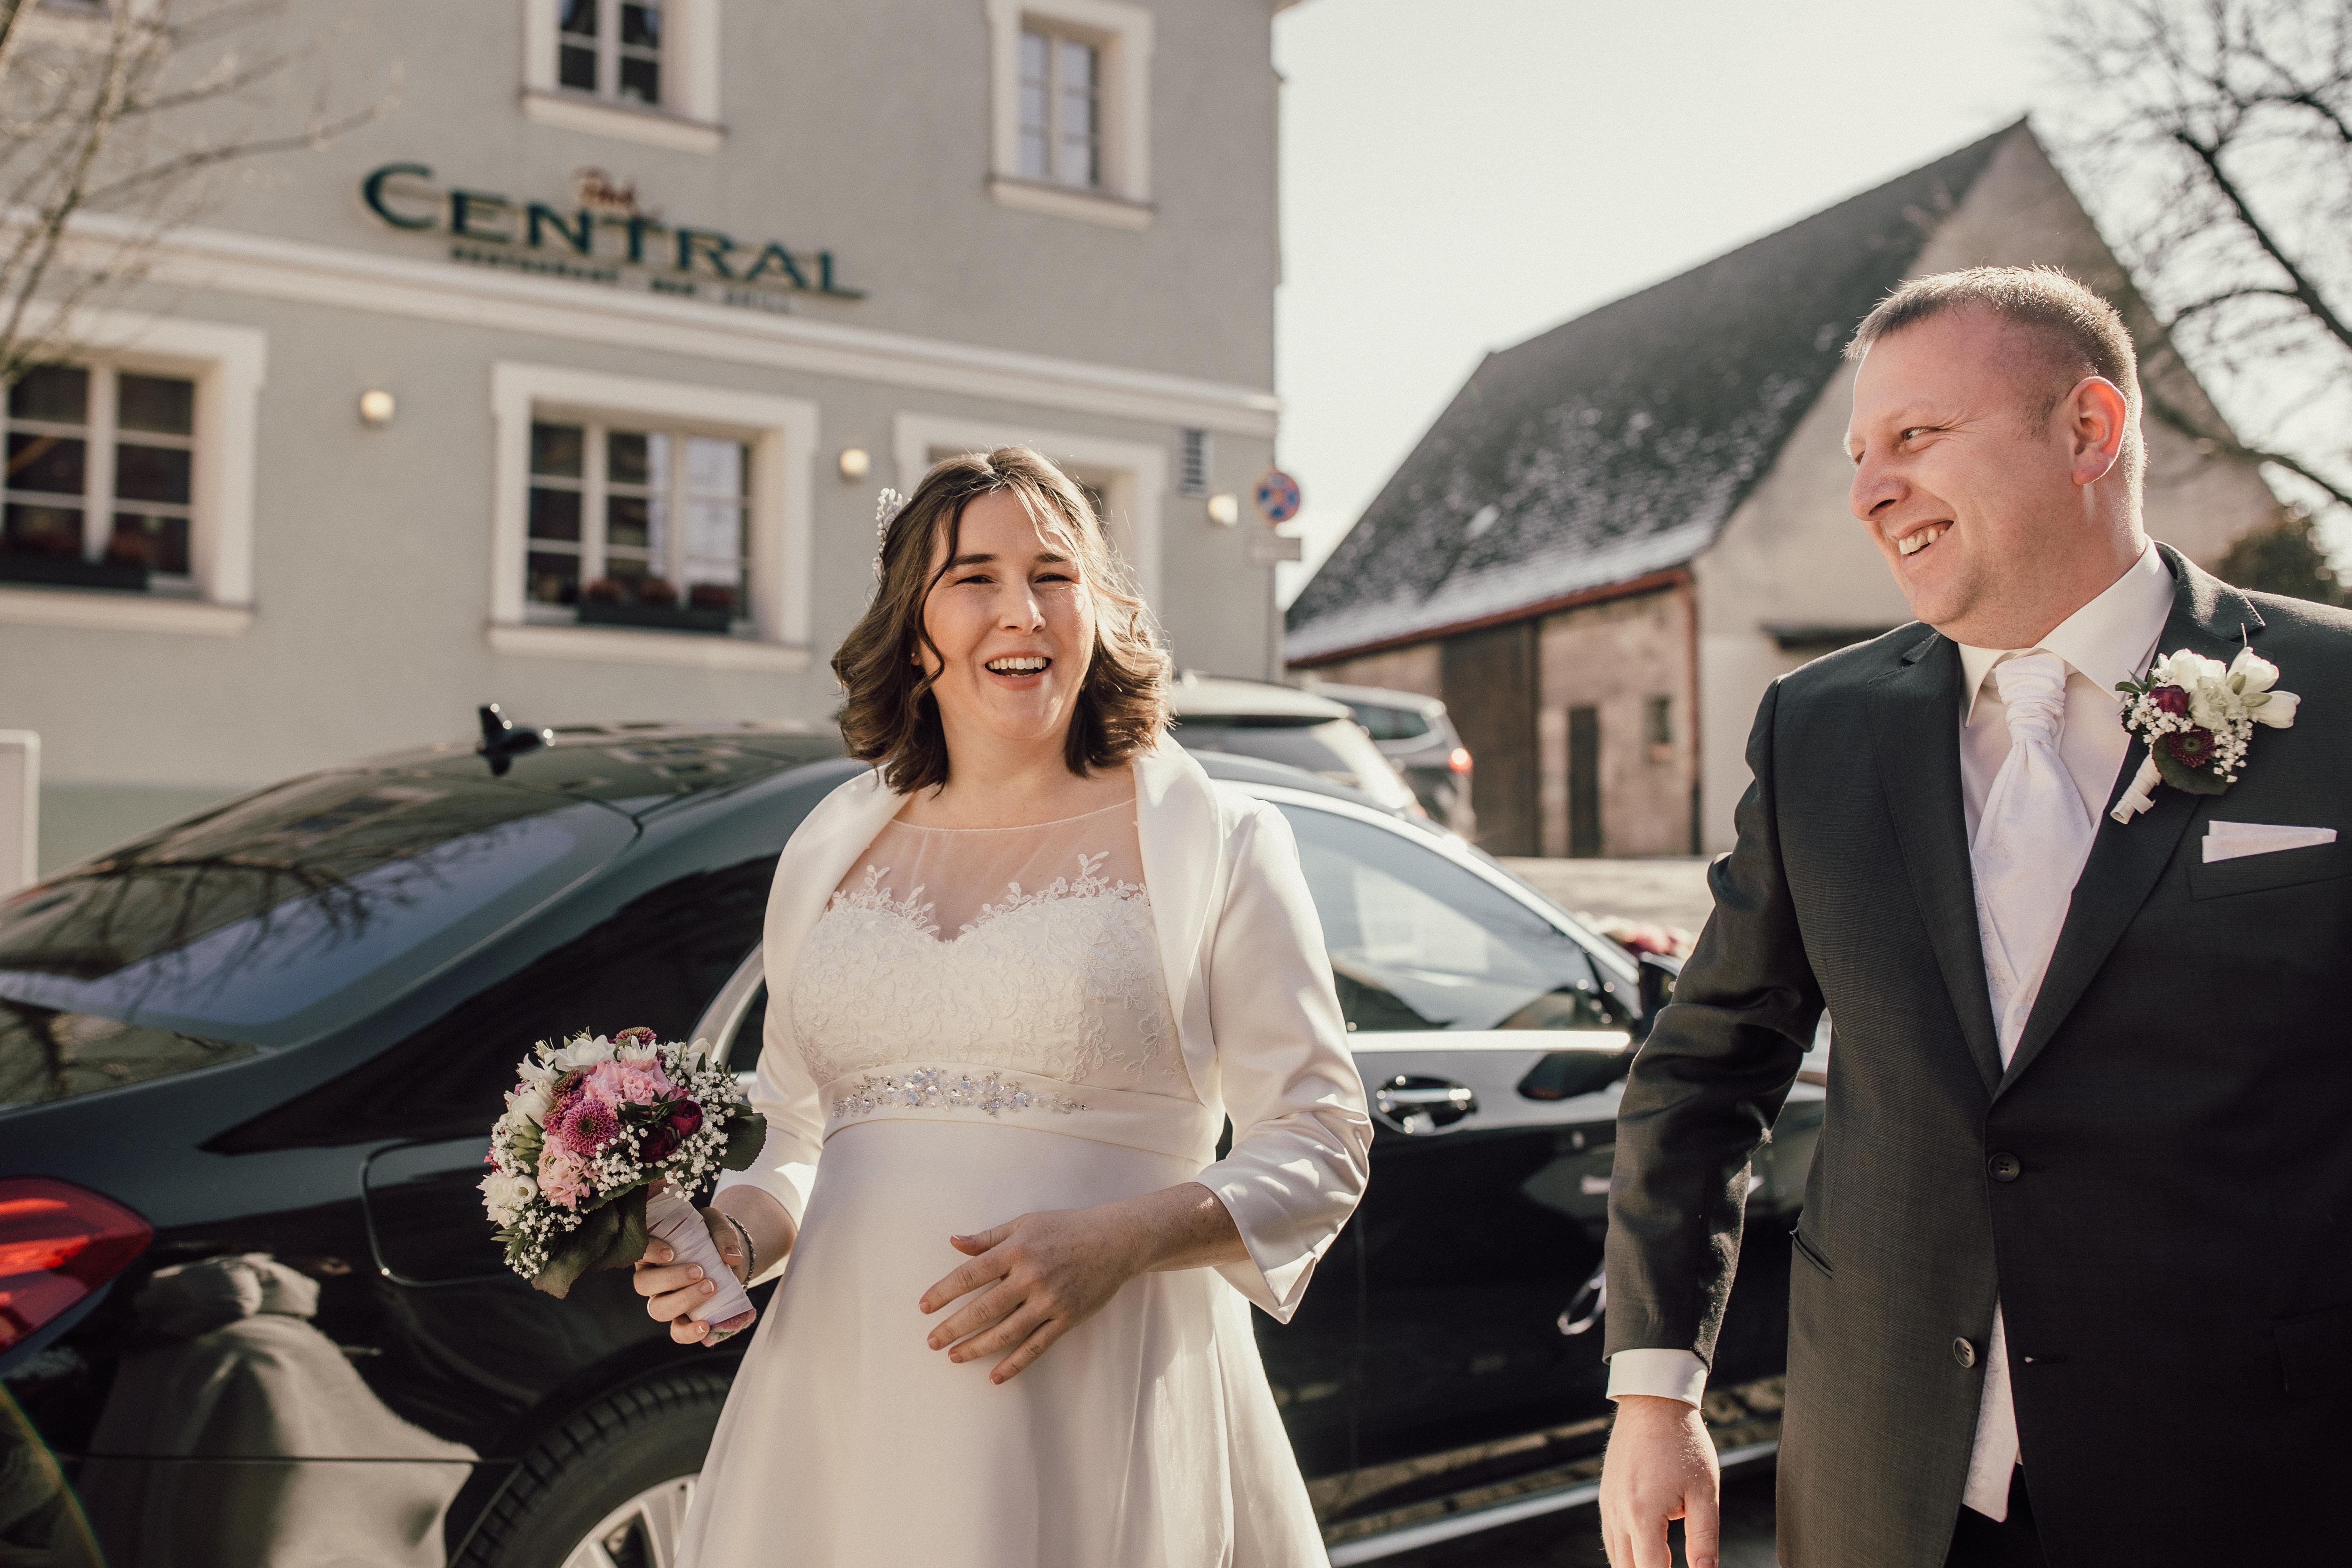 URBANERIE_Daniela_Goth_Hochzeitsfotografin_Nürnberg_Fürth_Erlangen_Schwabach_180223_0137